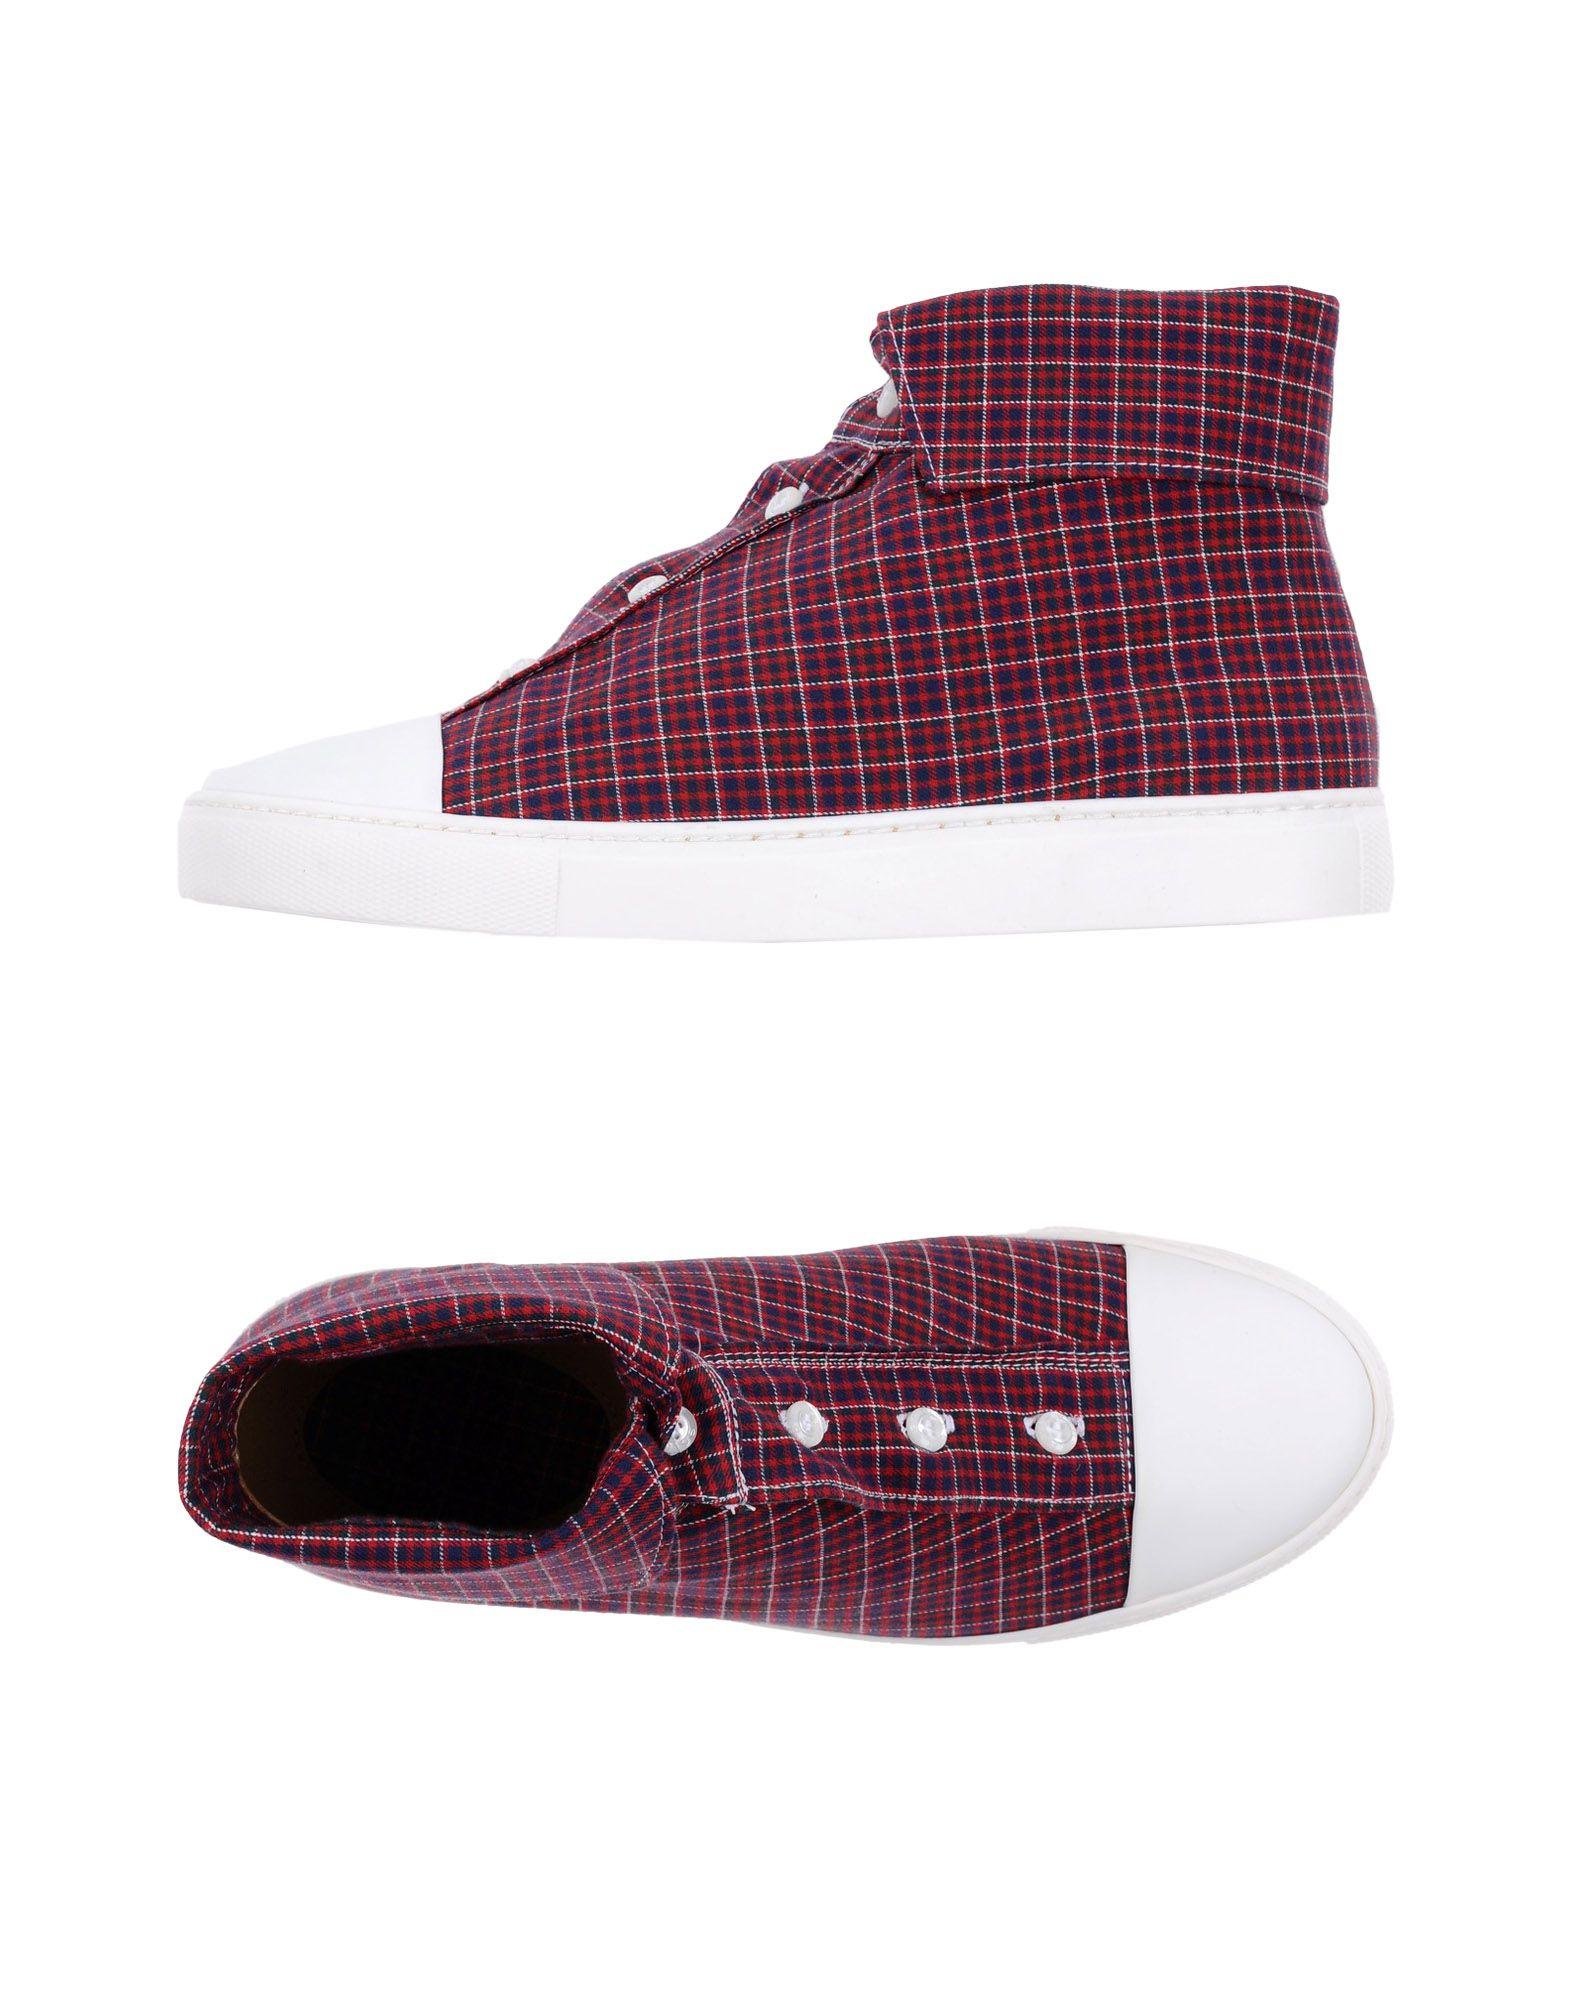 Moda Sciuscert Sneakers Sciuscert Moda Donna - 11252588SG 7f0f61